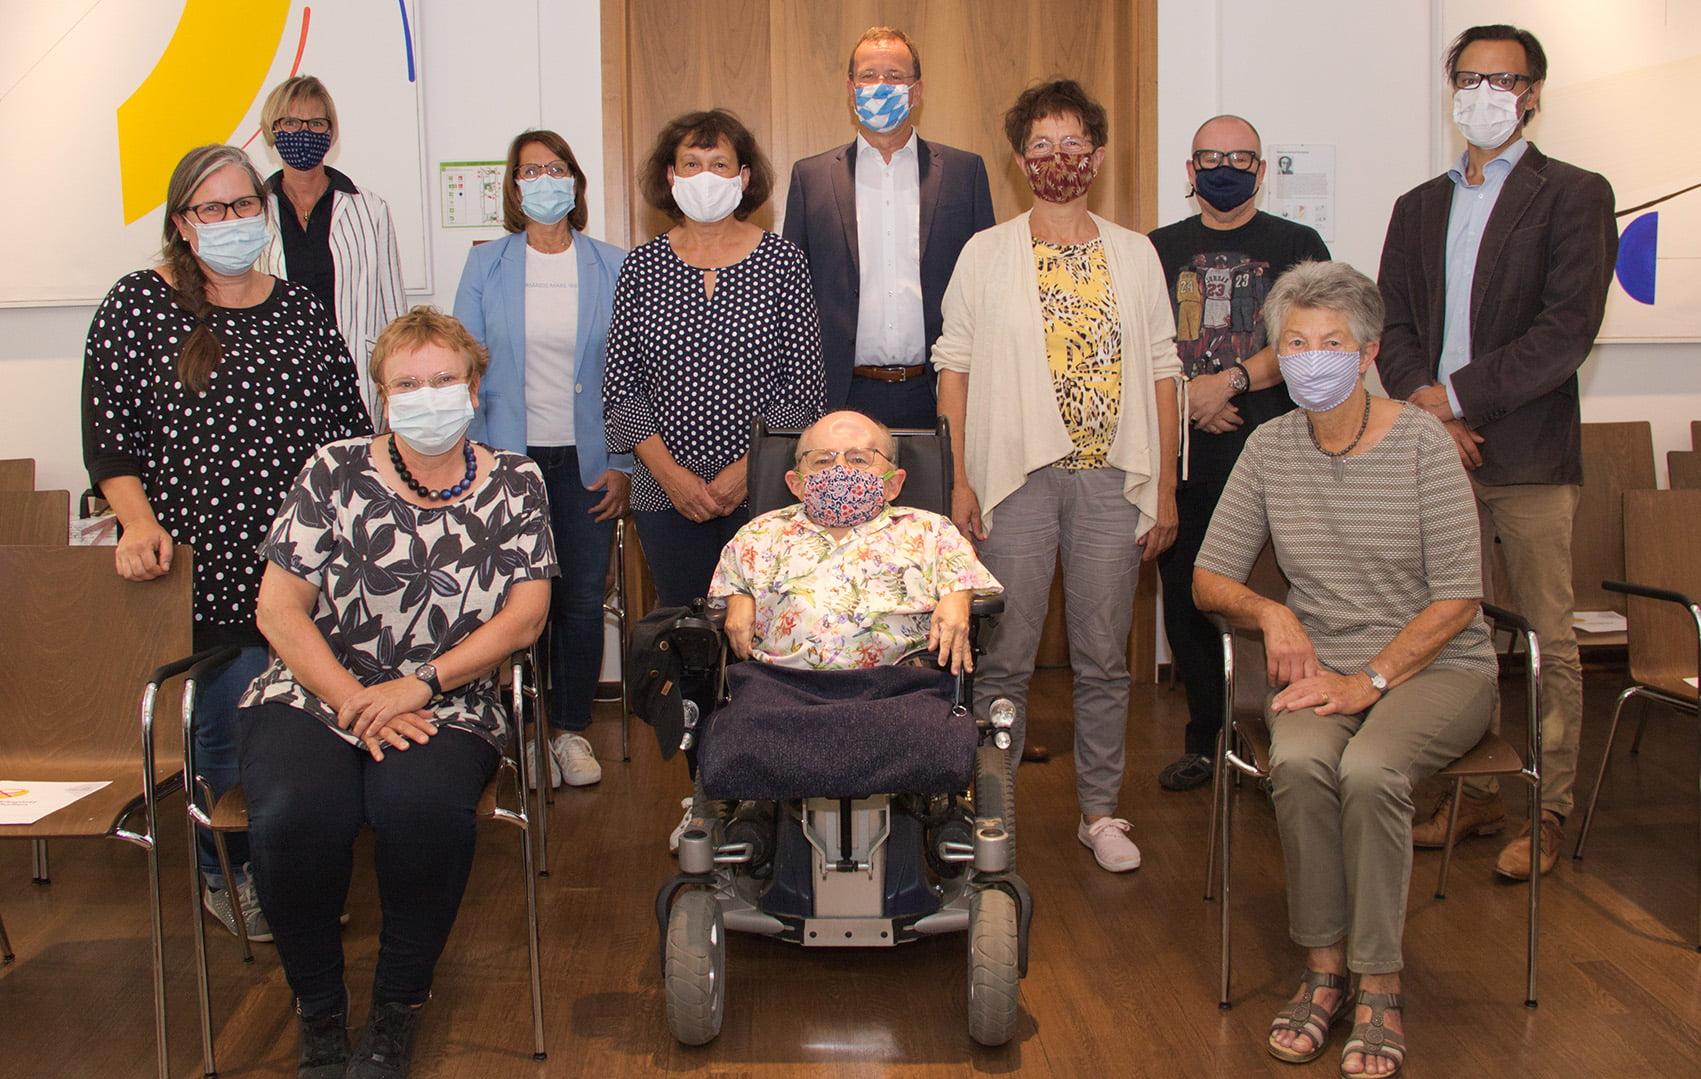 Der Vorstand des Vereins zur Koordination sozialer Aufgaben Germering mit den Beisitzern und Anita Schindler, Leiterin der Germeringer Insel